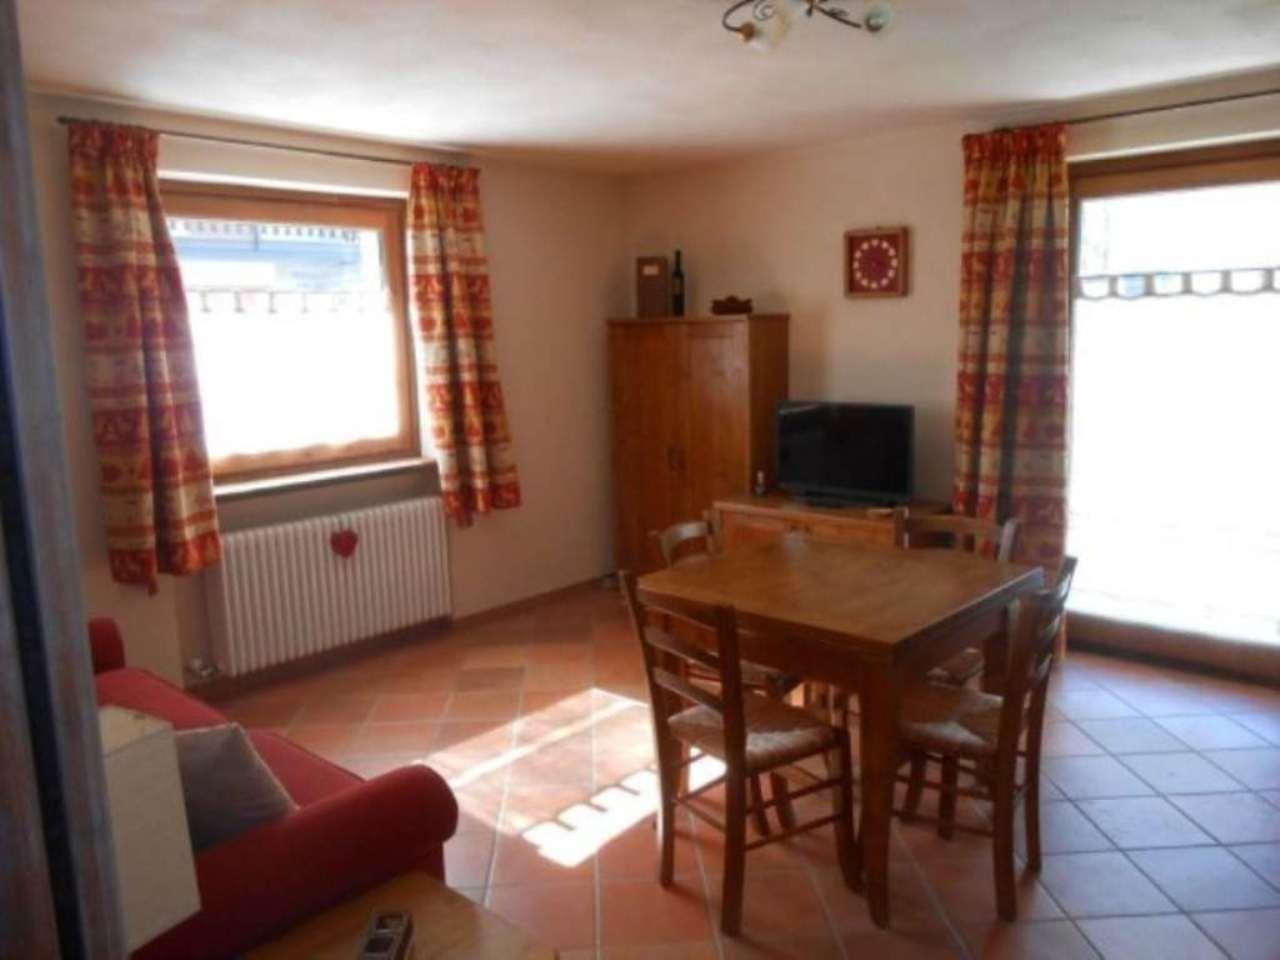 Appartamento in vendita a Cogne, 2 locali, Trattative riservate | Cambio Casa.it